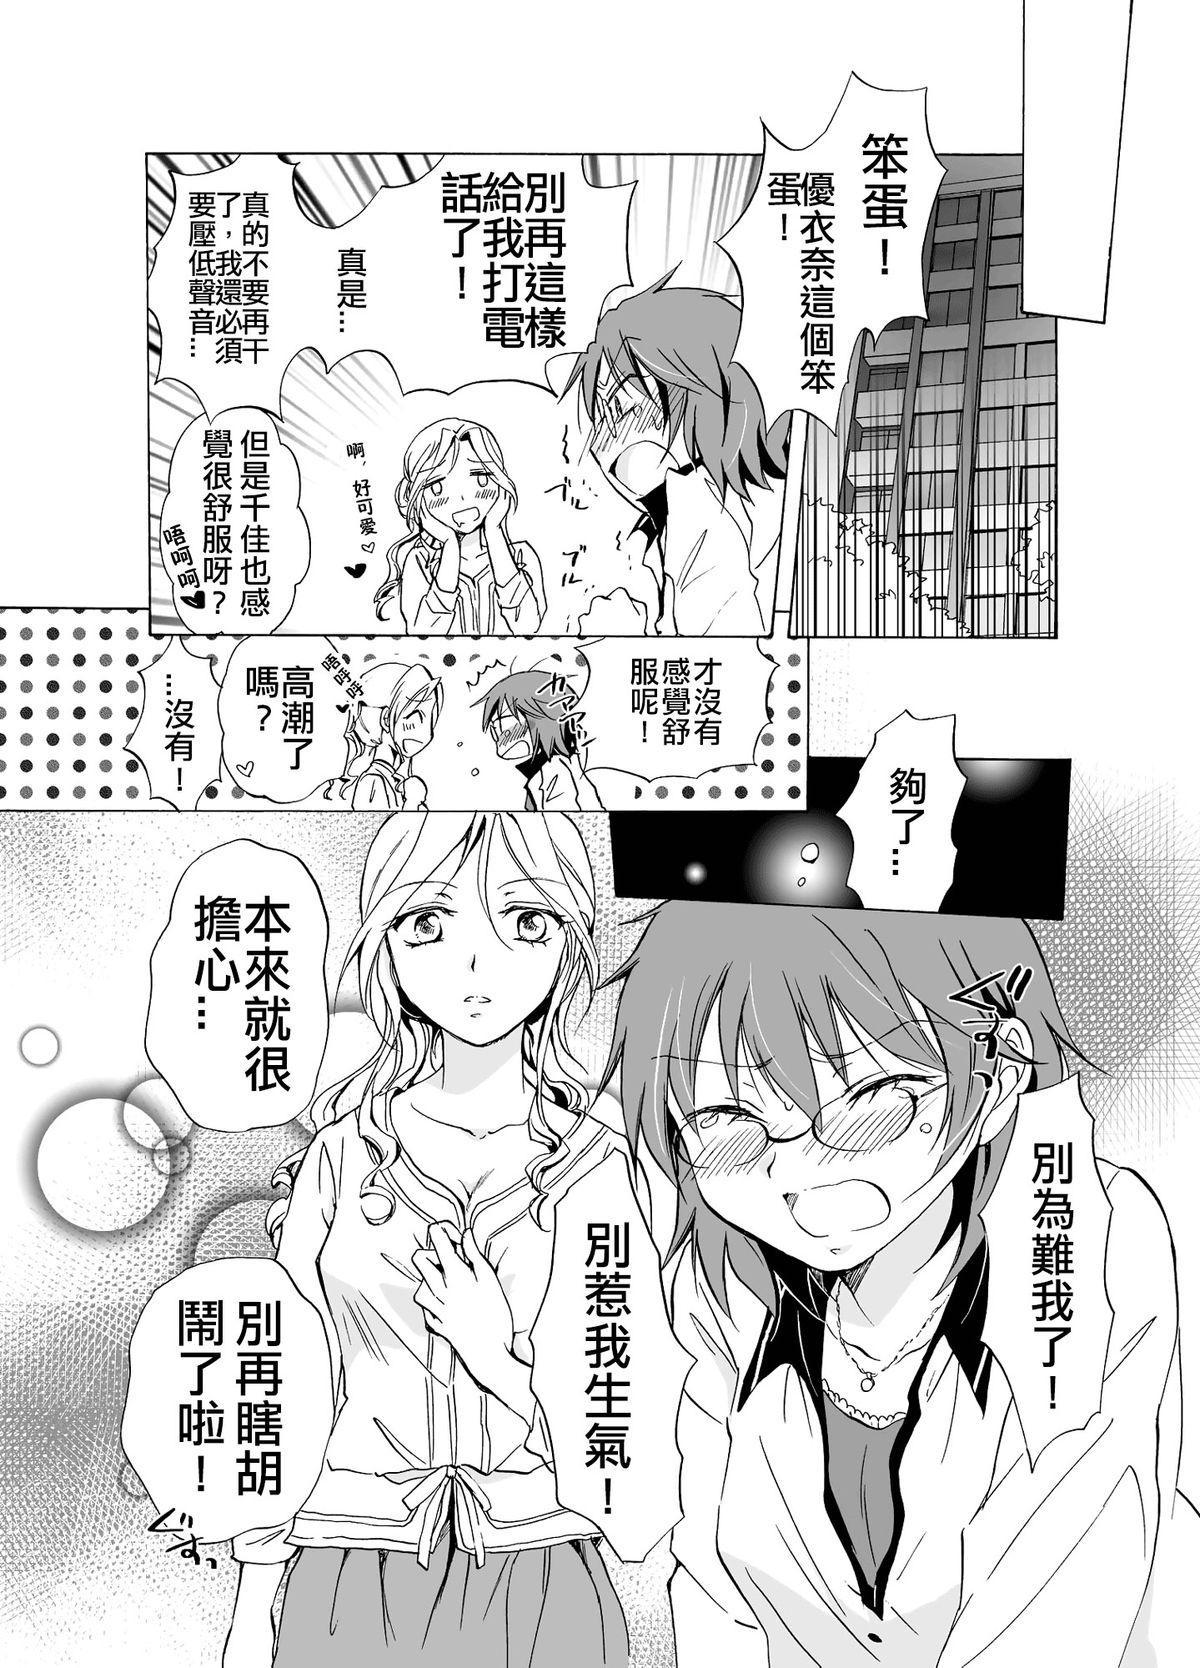 Aisaresugite Komaru no | 為愛所困 23